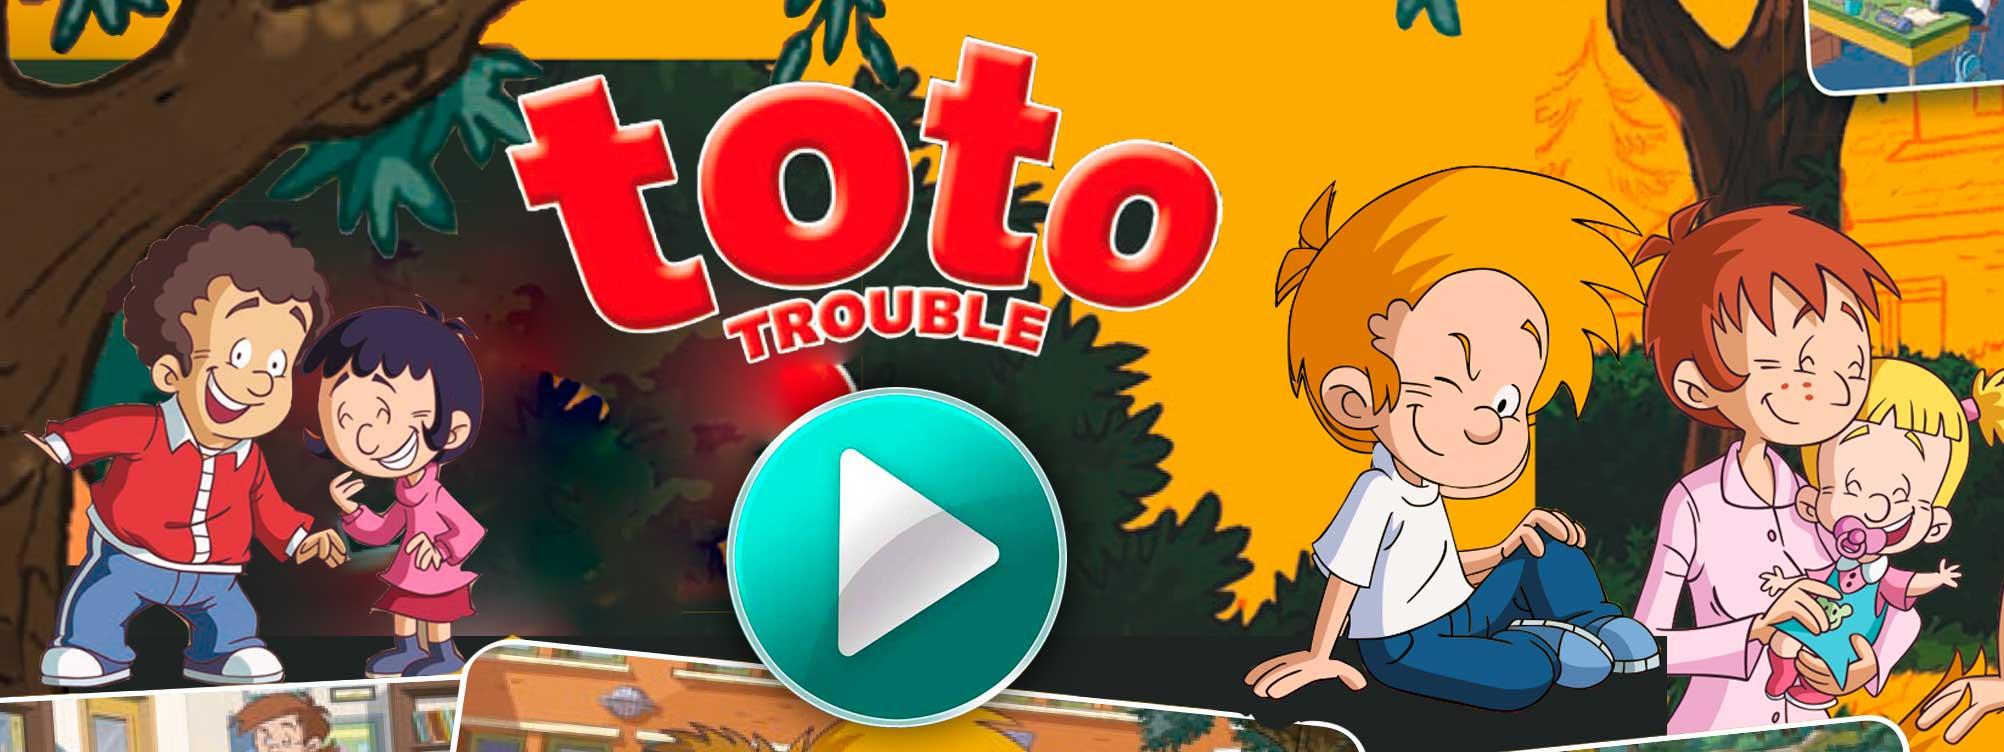 Videos de la serie de dibujos animados toto trouble